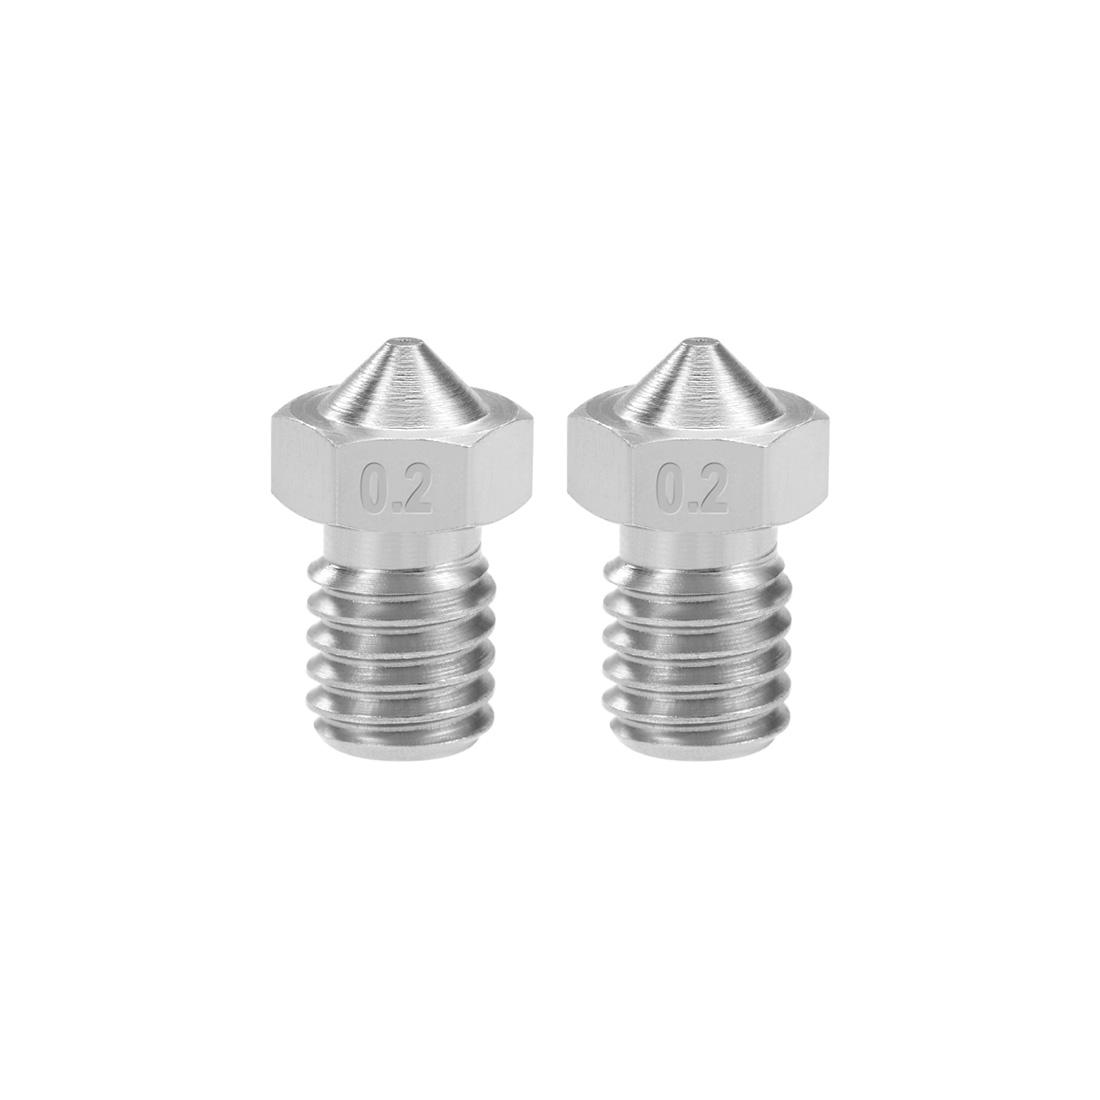 0.2mm 3D Printer Nozzle Head M6 Thread for V5 V6 1.75mm Extruder Print 2pcs